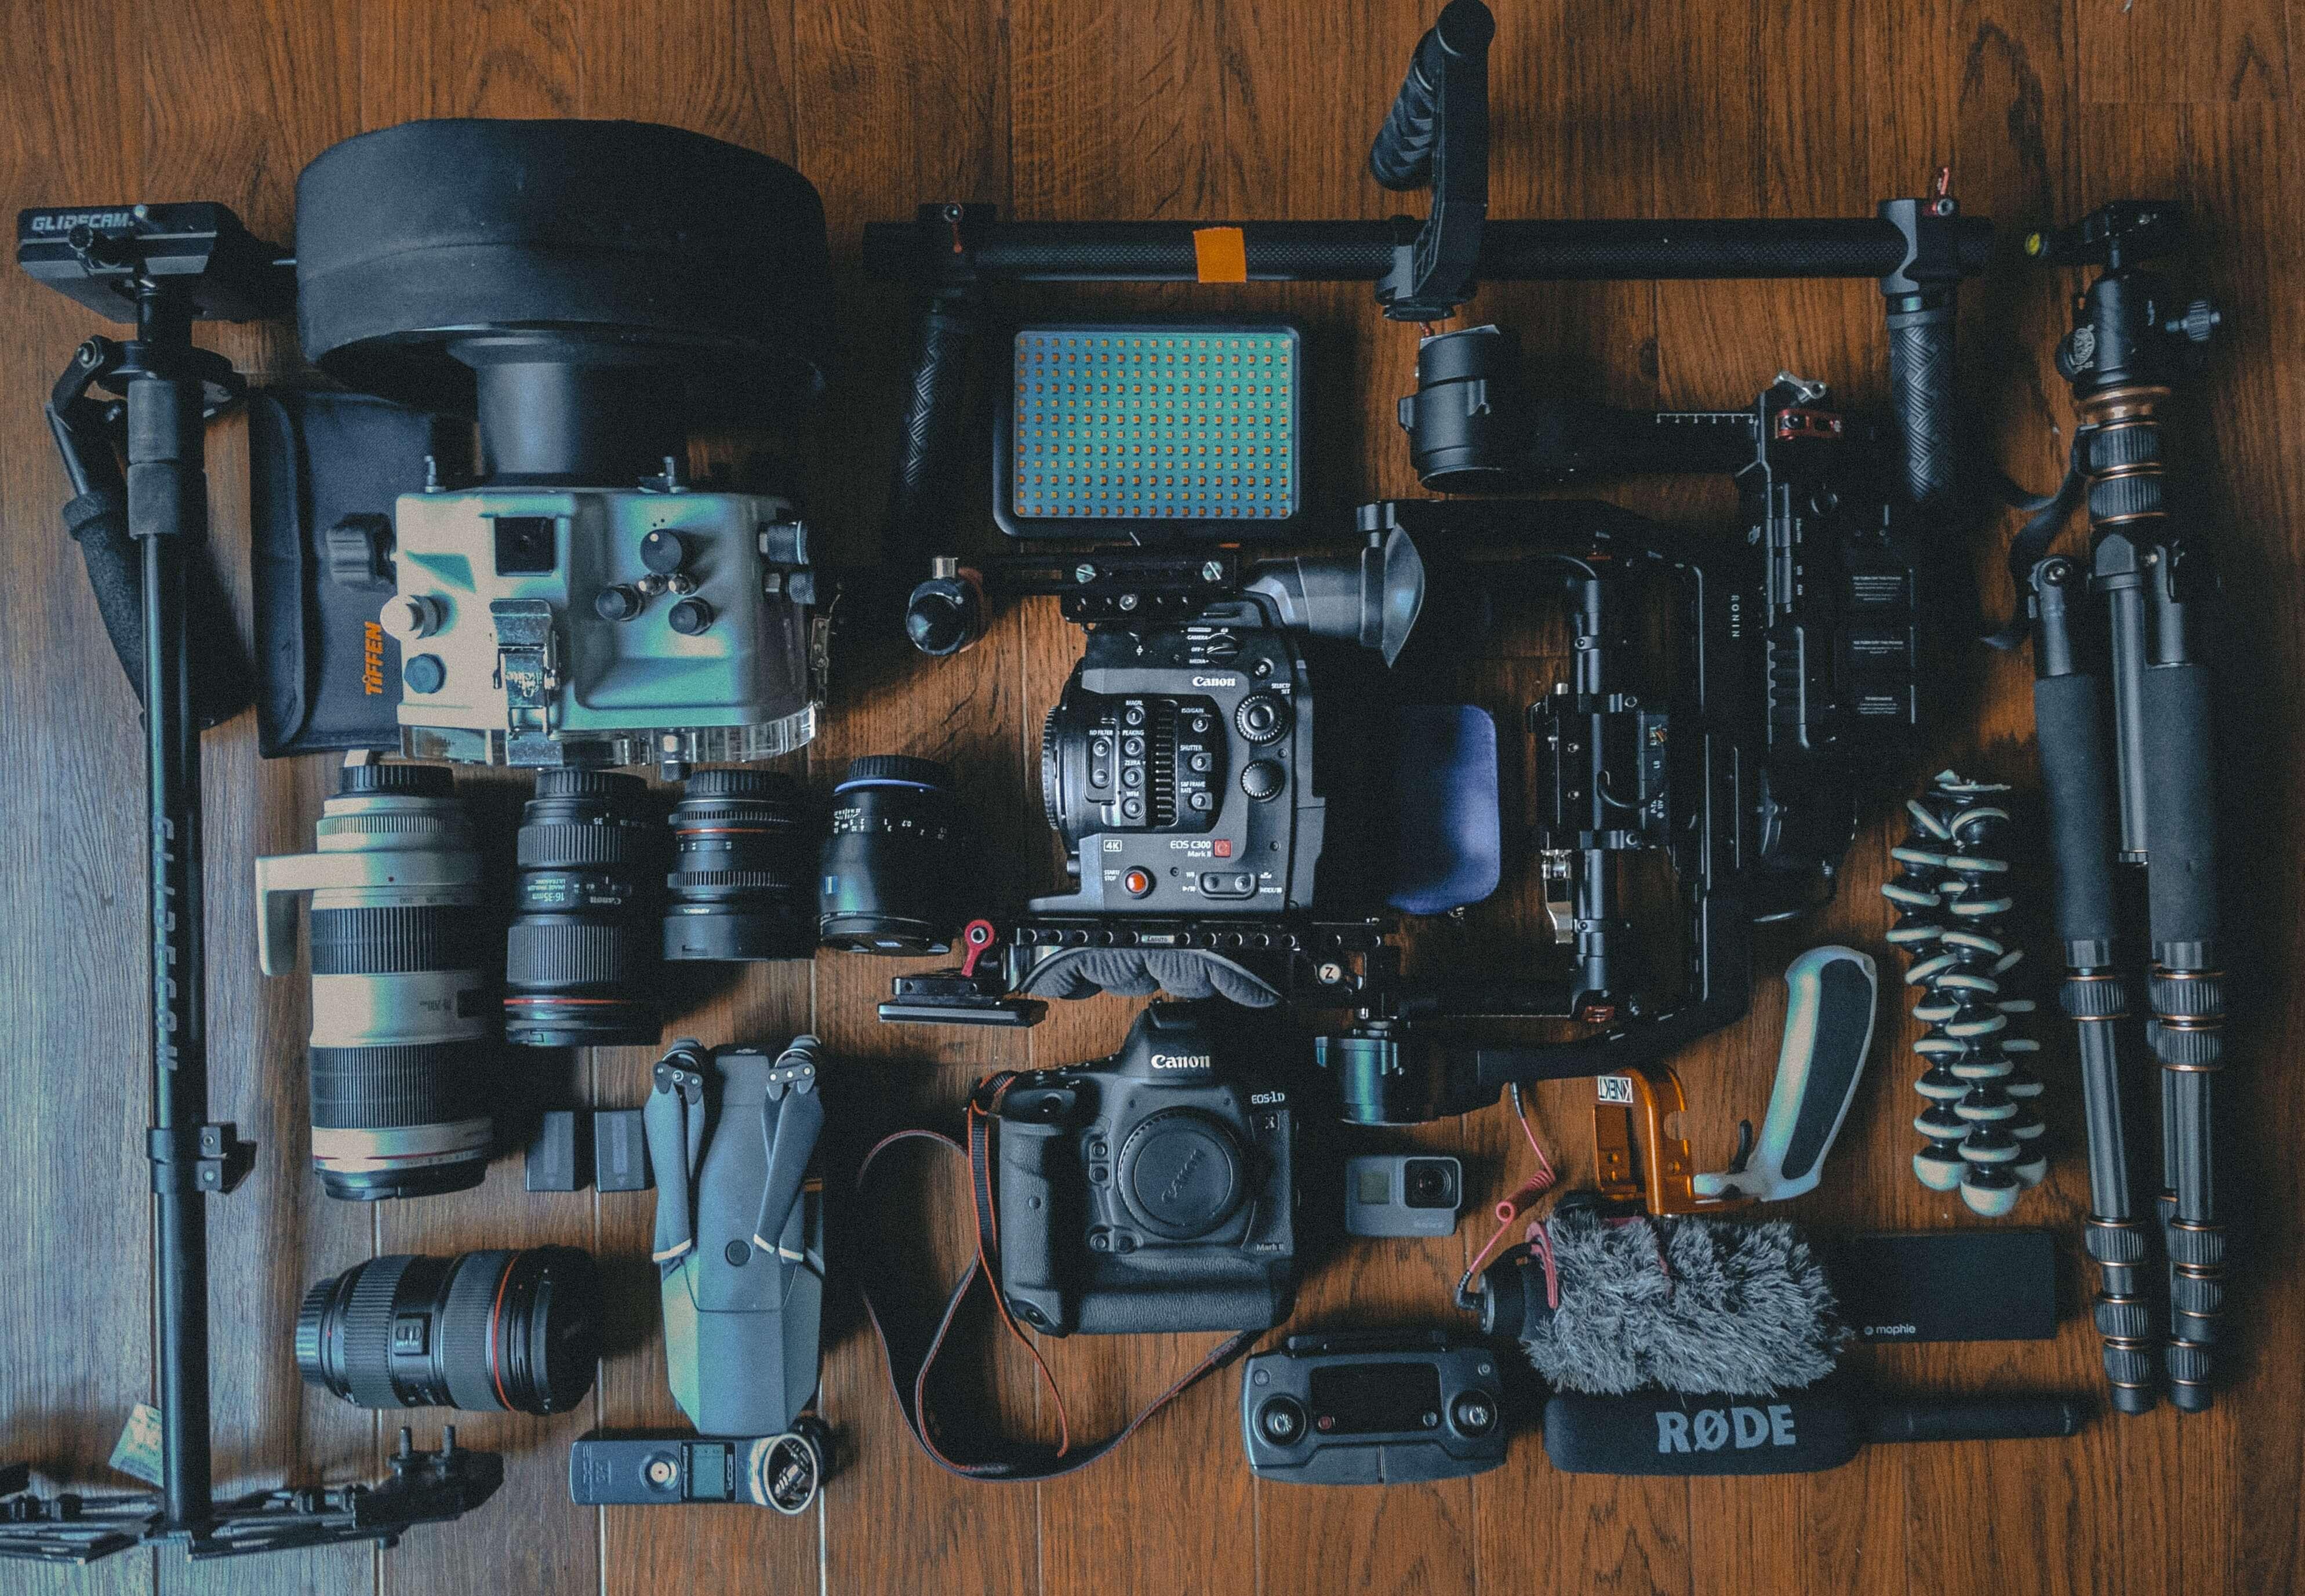 一眼レフカメラでの動画撮影に使用する機材を全部紹介!【一眼ムービー】